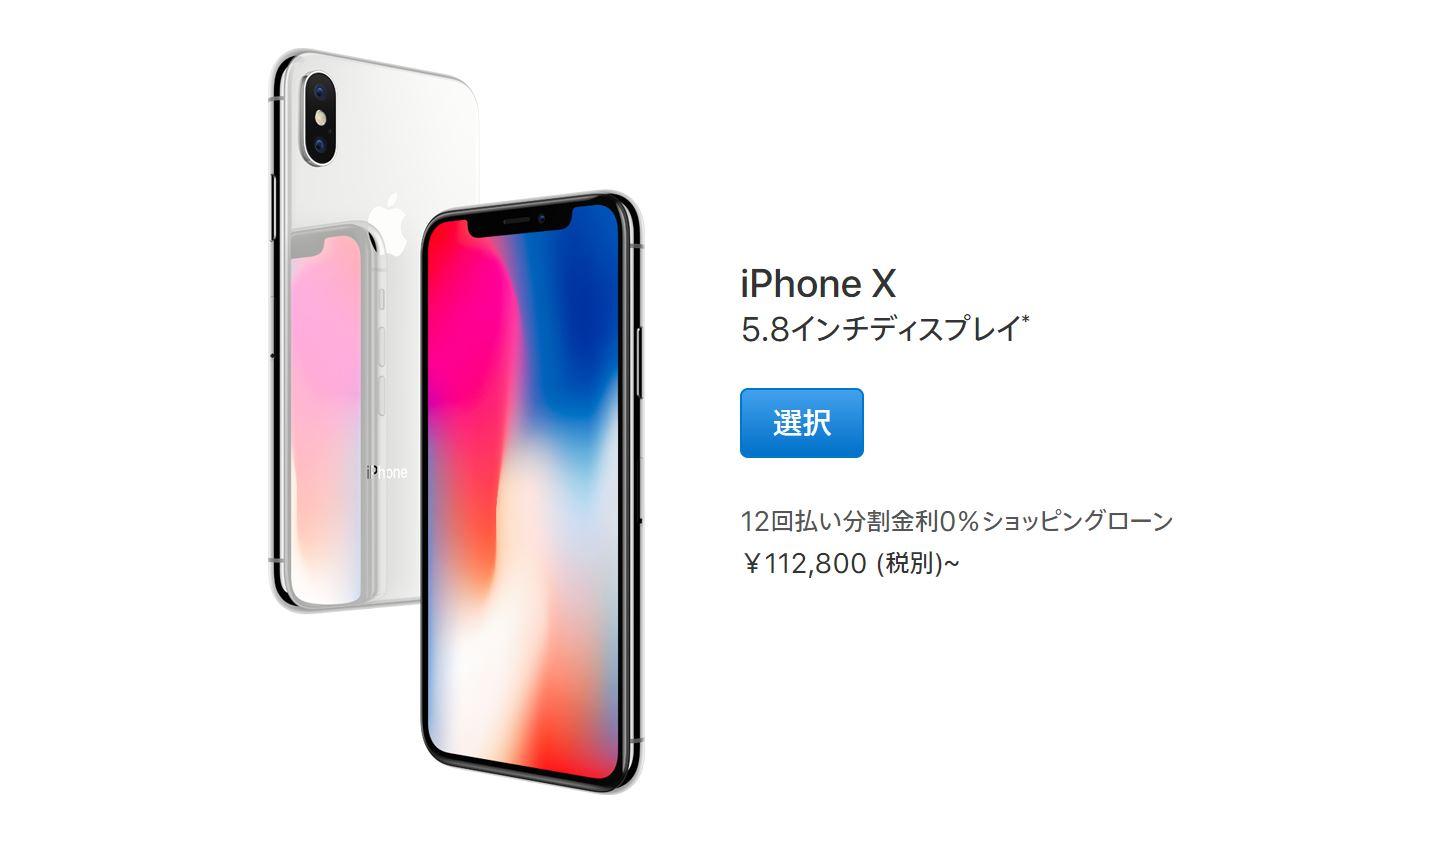 AppleストアでのiPhone10の端末価格は64GBでも112800円と高額